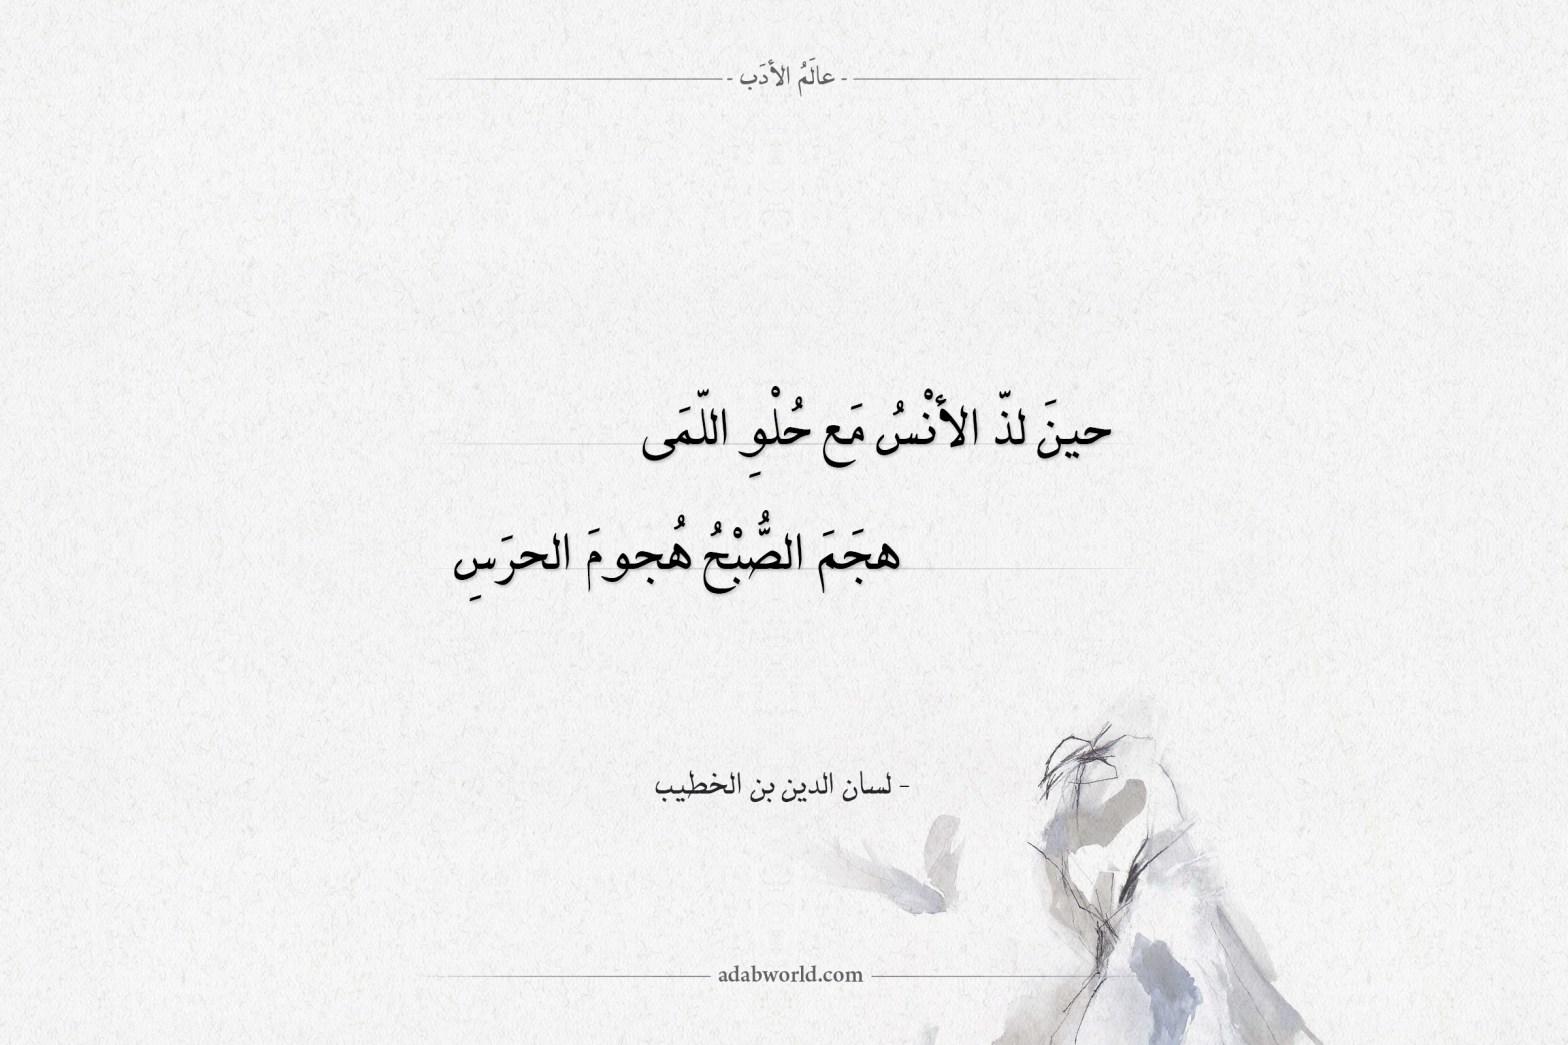 شعر لسان الدين بن الخطيب - حين لذ الأنس مع حلو اللمى